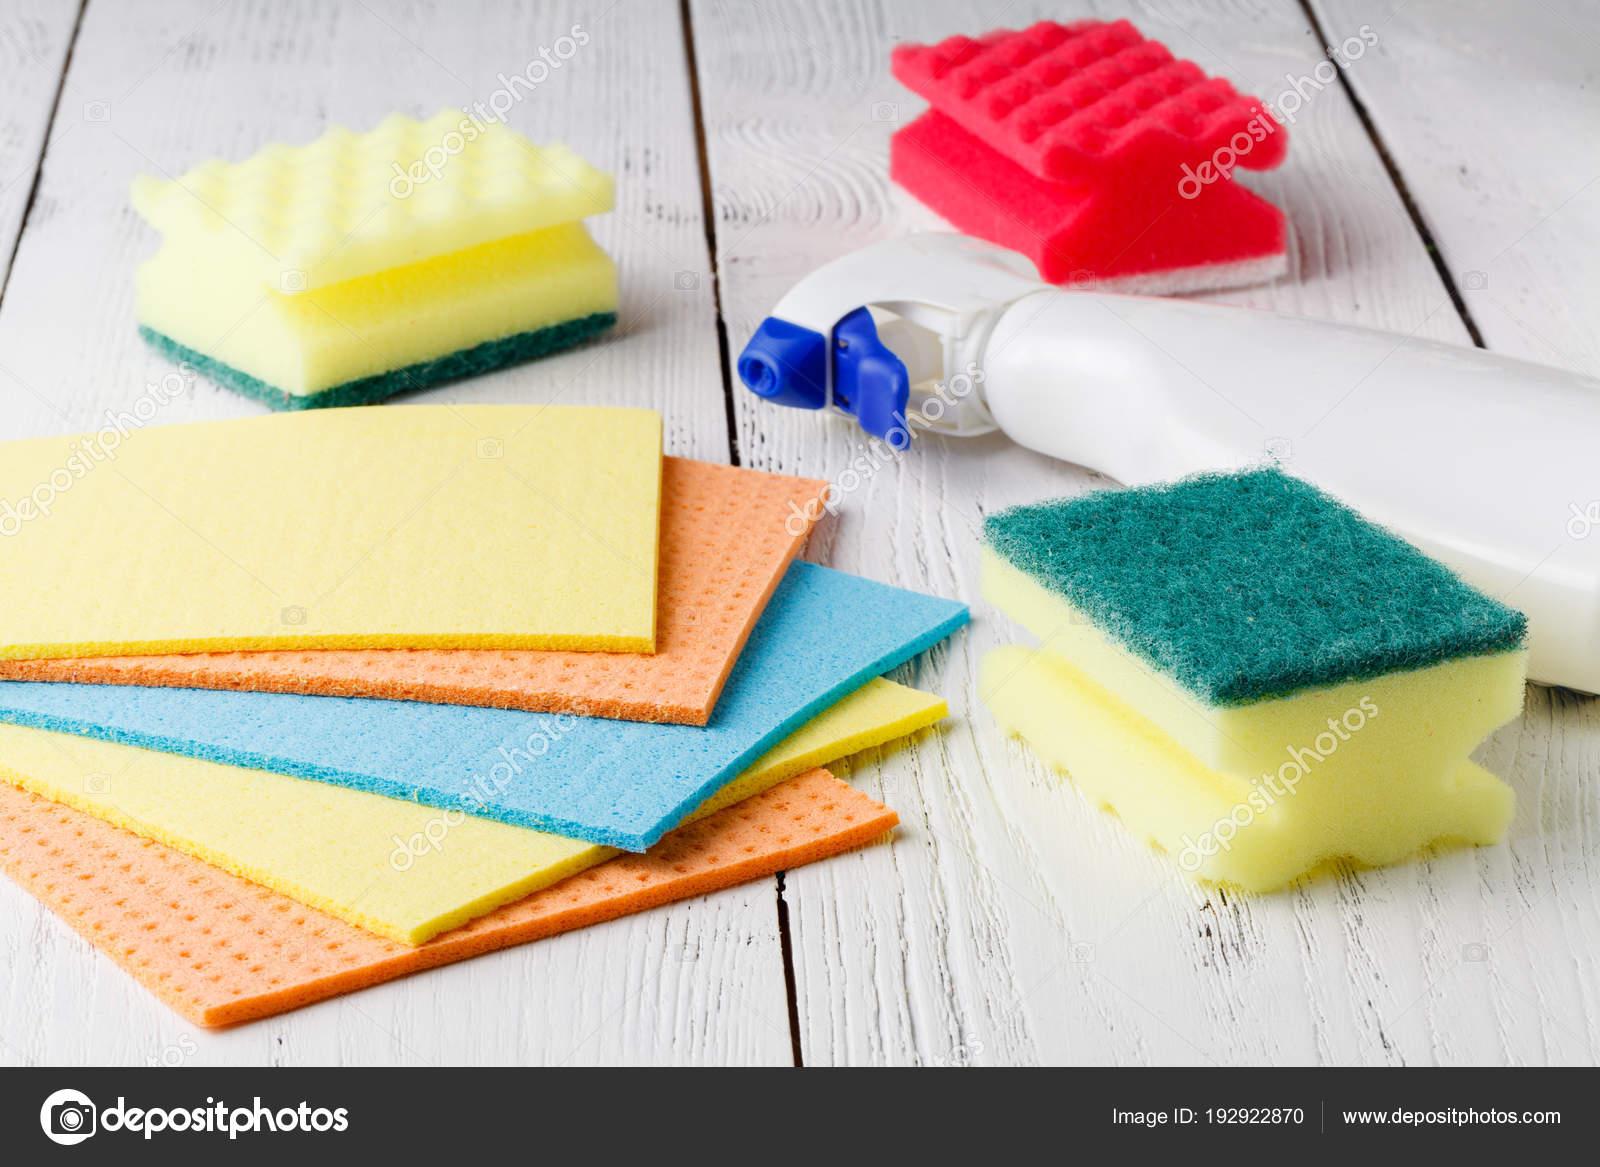 Keukenkasten Met Apparatuur : Schoonmaak benodigdheden en apparatuur voor keukenkasten u2014 stockfoto